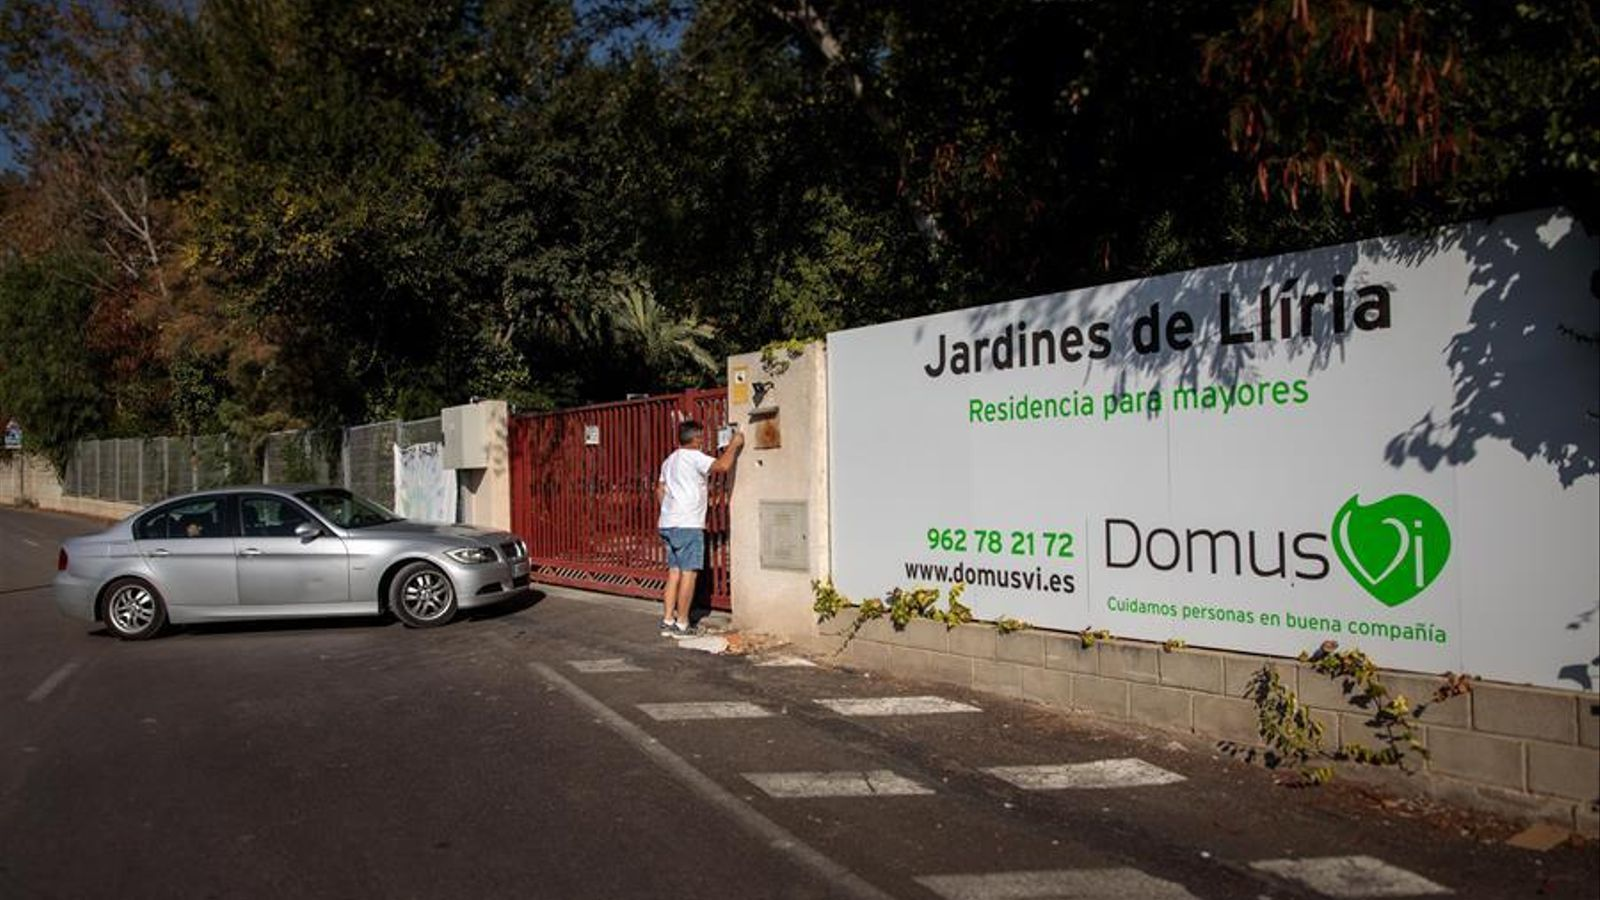 Familiars accedeixen a la residència Domus VI de Lliria (València), on han aparegut unes imatges, pel que sembla gravades per una empleada del centre, en les quals s'observen suposats casos de maltractament. EFE/ Biel Aliño